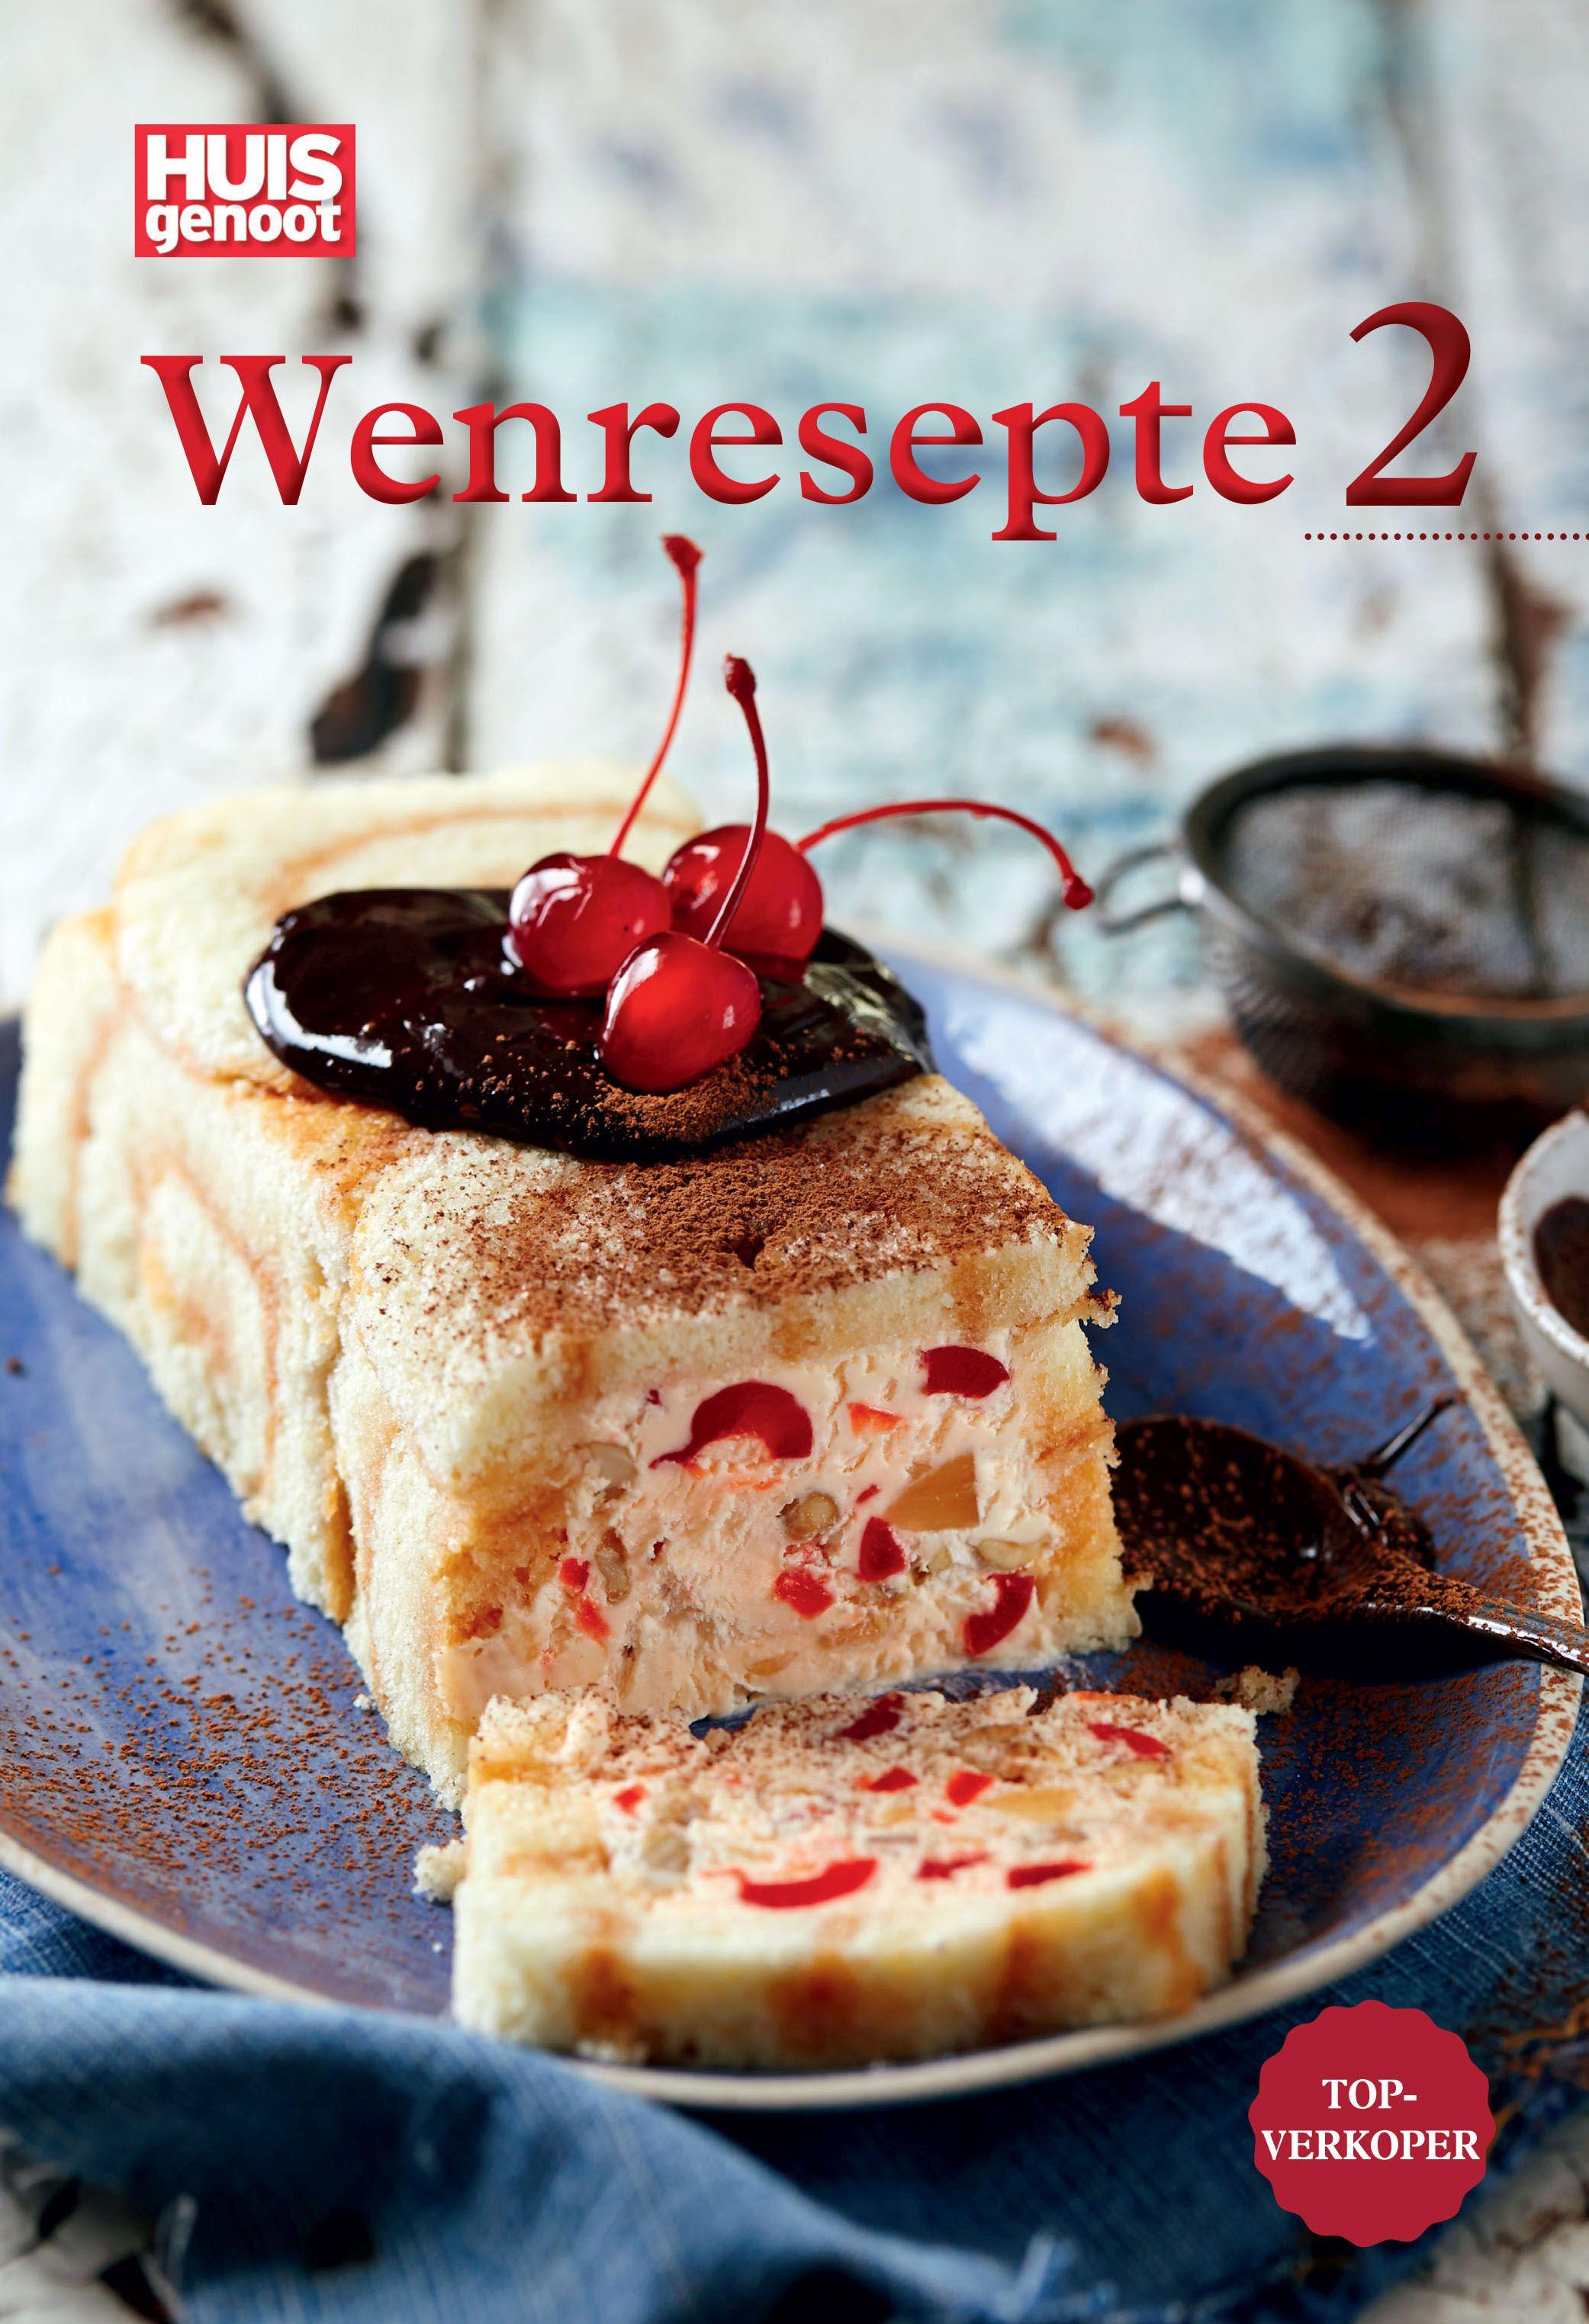 Picture of Huisgenoot wenresepte 2